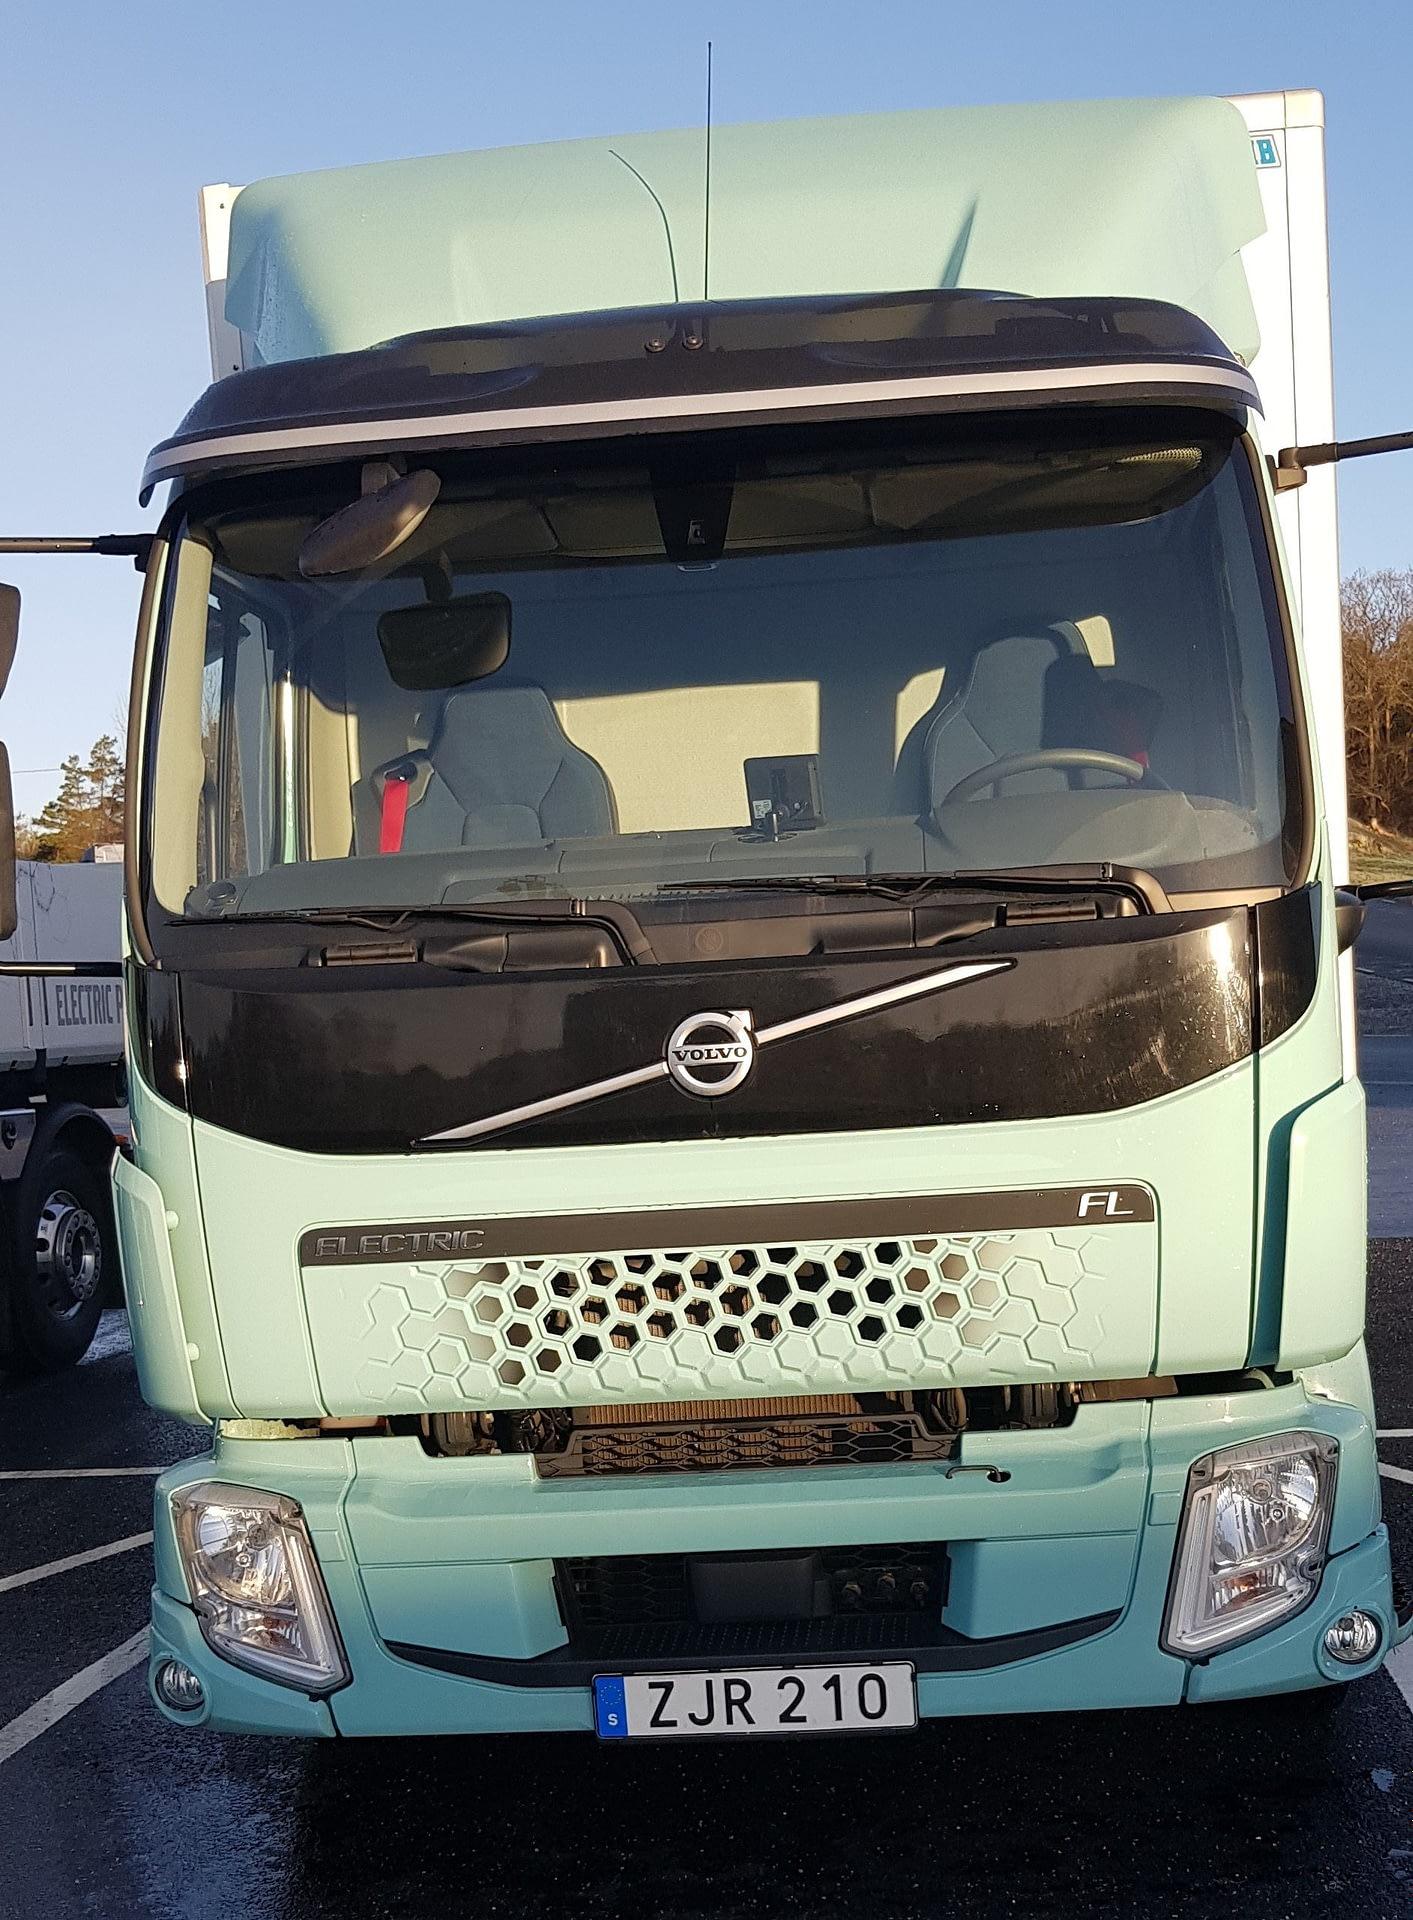 Imagem ilustrativa da notícia: Ao apresentar seus elétricos, Volvo abre discussão sobre emissão em toda a cadeia